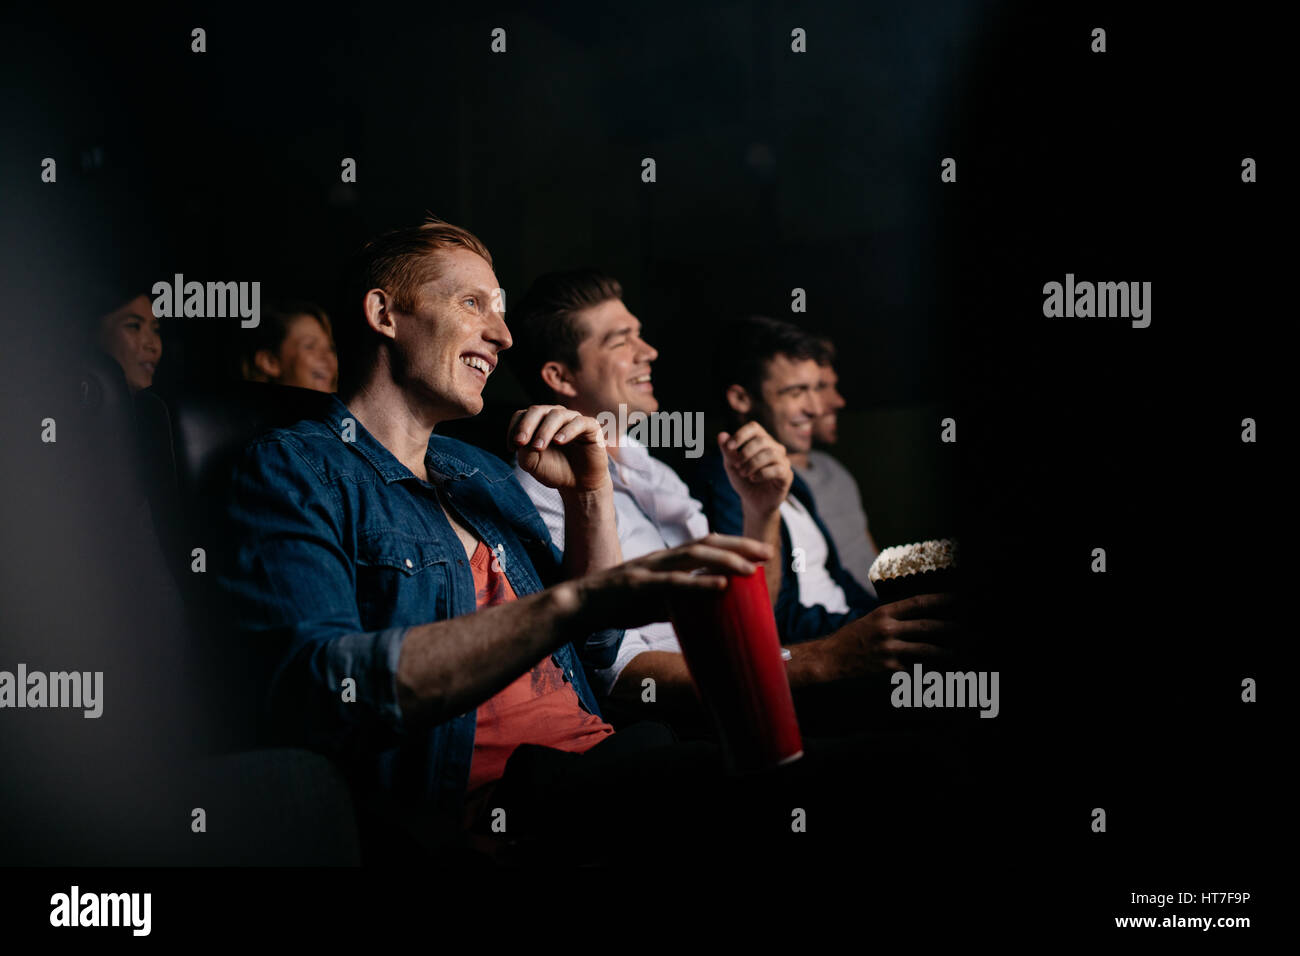 Jeune homme souriant avec des amis en salle de cinéma regarder la vidéo. Groupe de personnes regarder Photo Stock